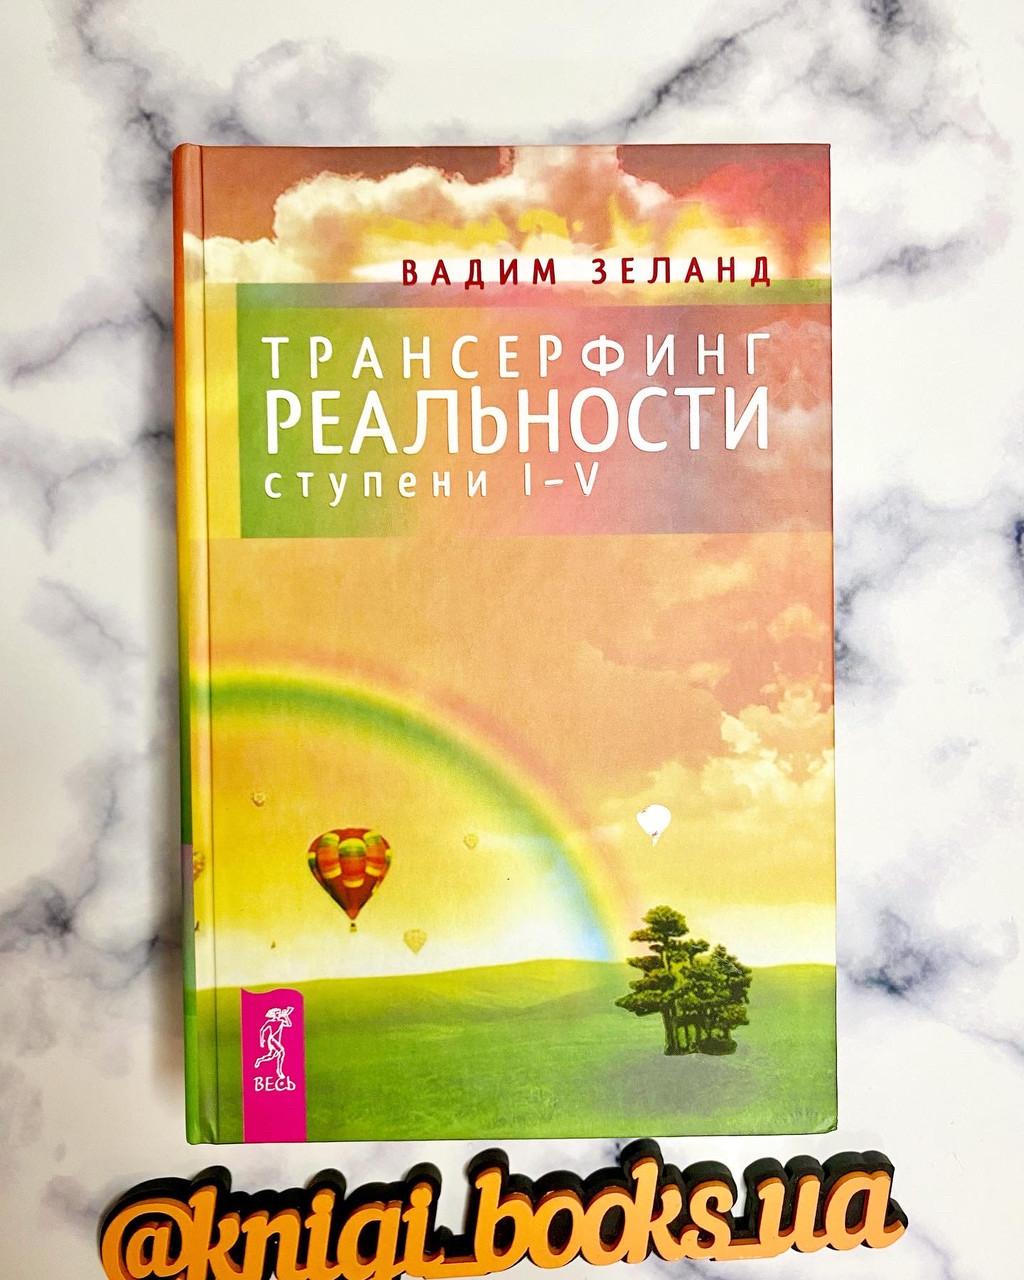 Трансерфинг реальности 1-5 ступени - Вадим Зеланд